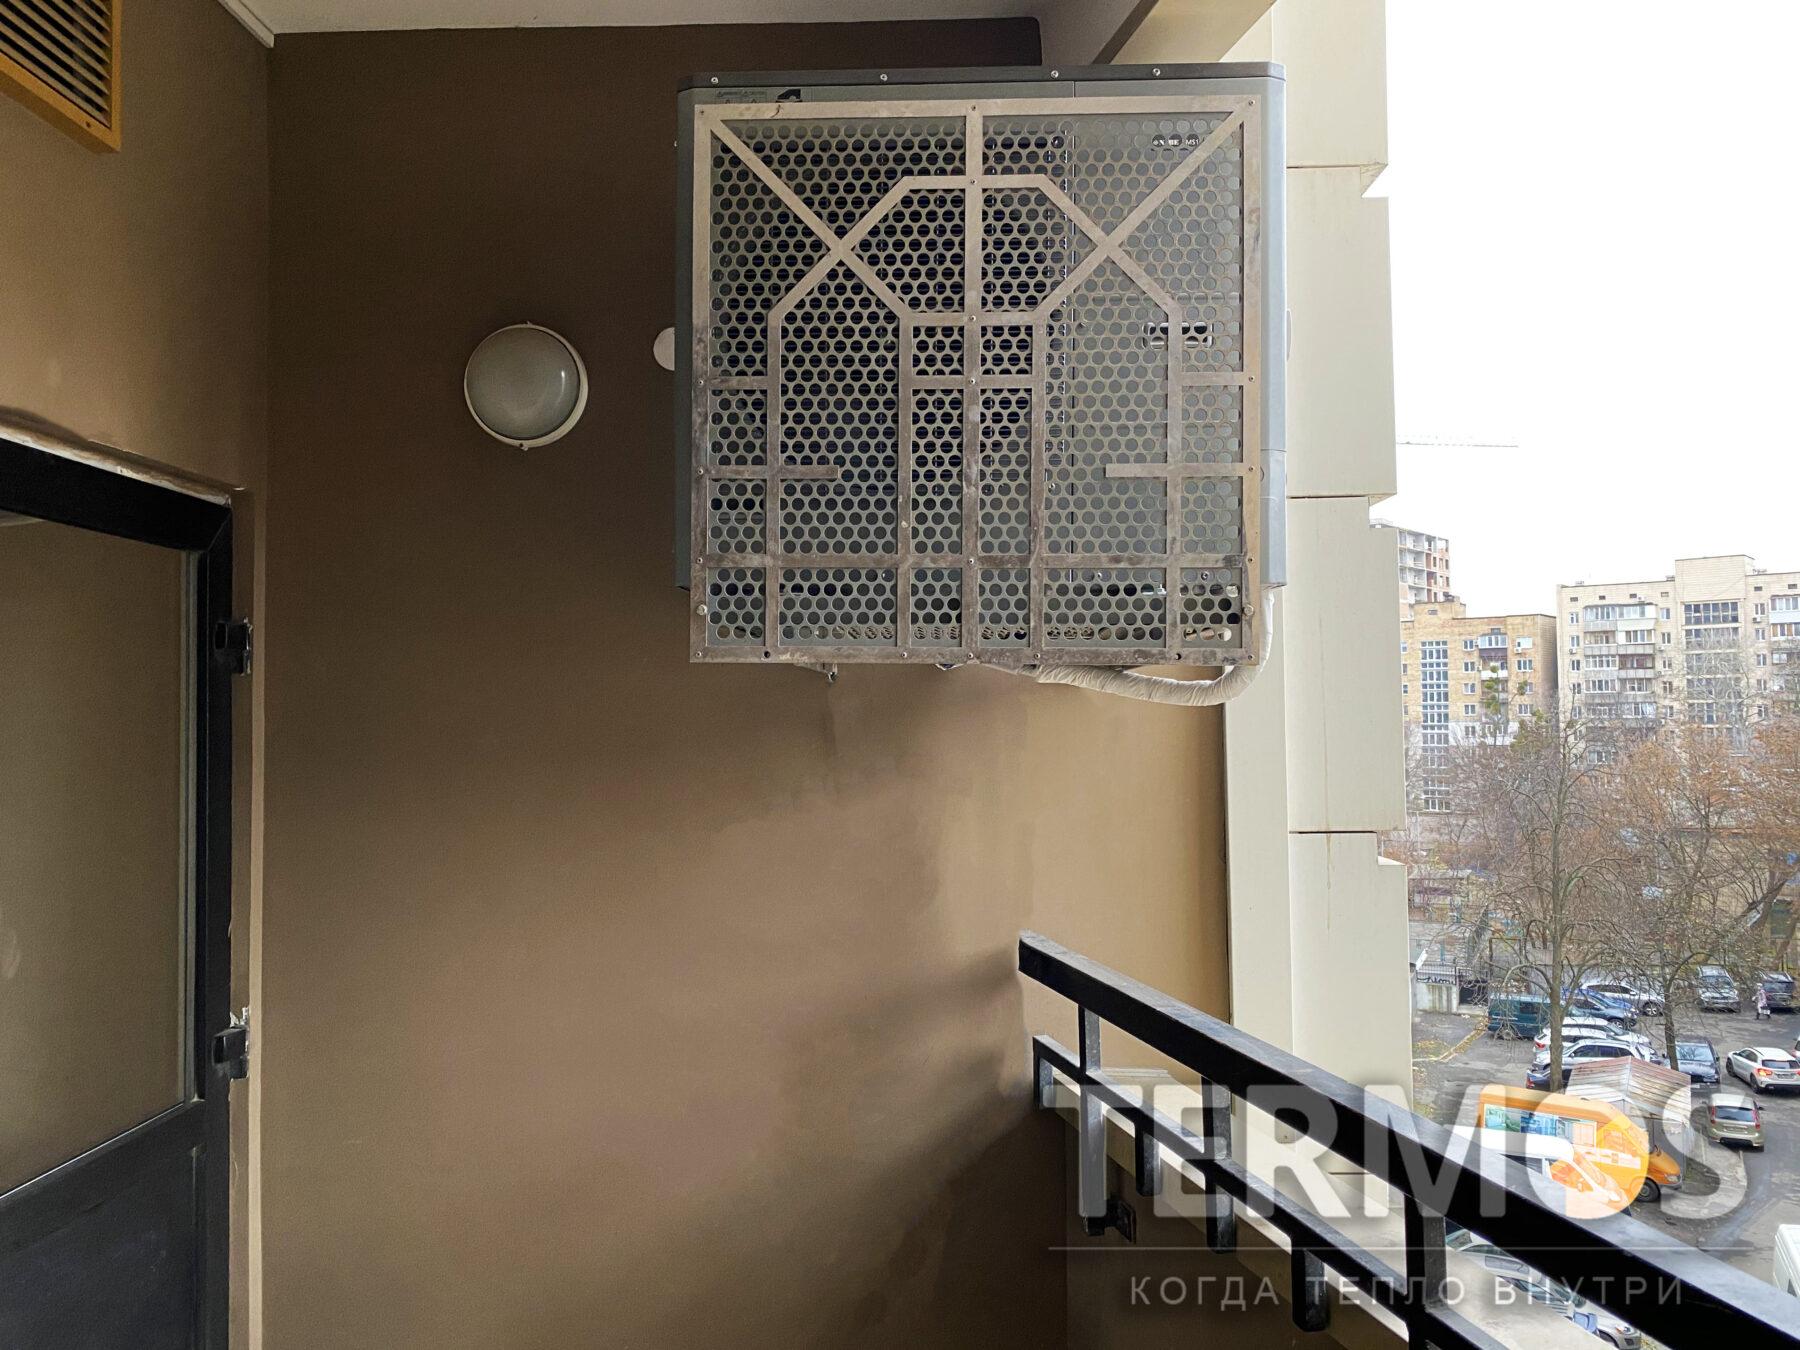 Квартира 150 кв м. Тепловий насос NIBE (Швеція) 12 кВт з функціями опалення, приготування гарячої води, охолодження квартири влітку